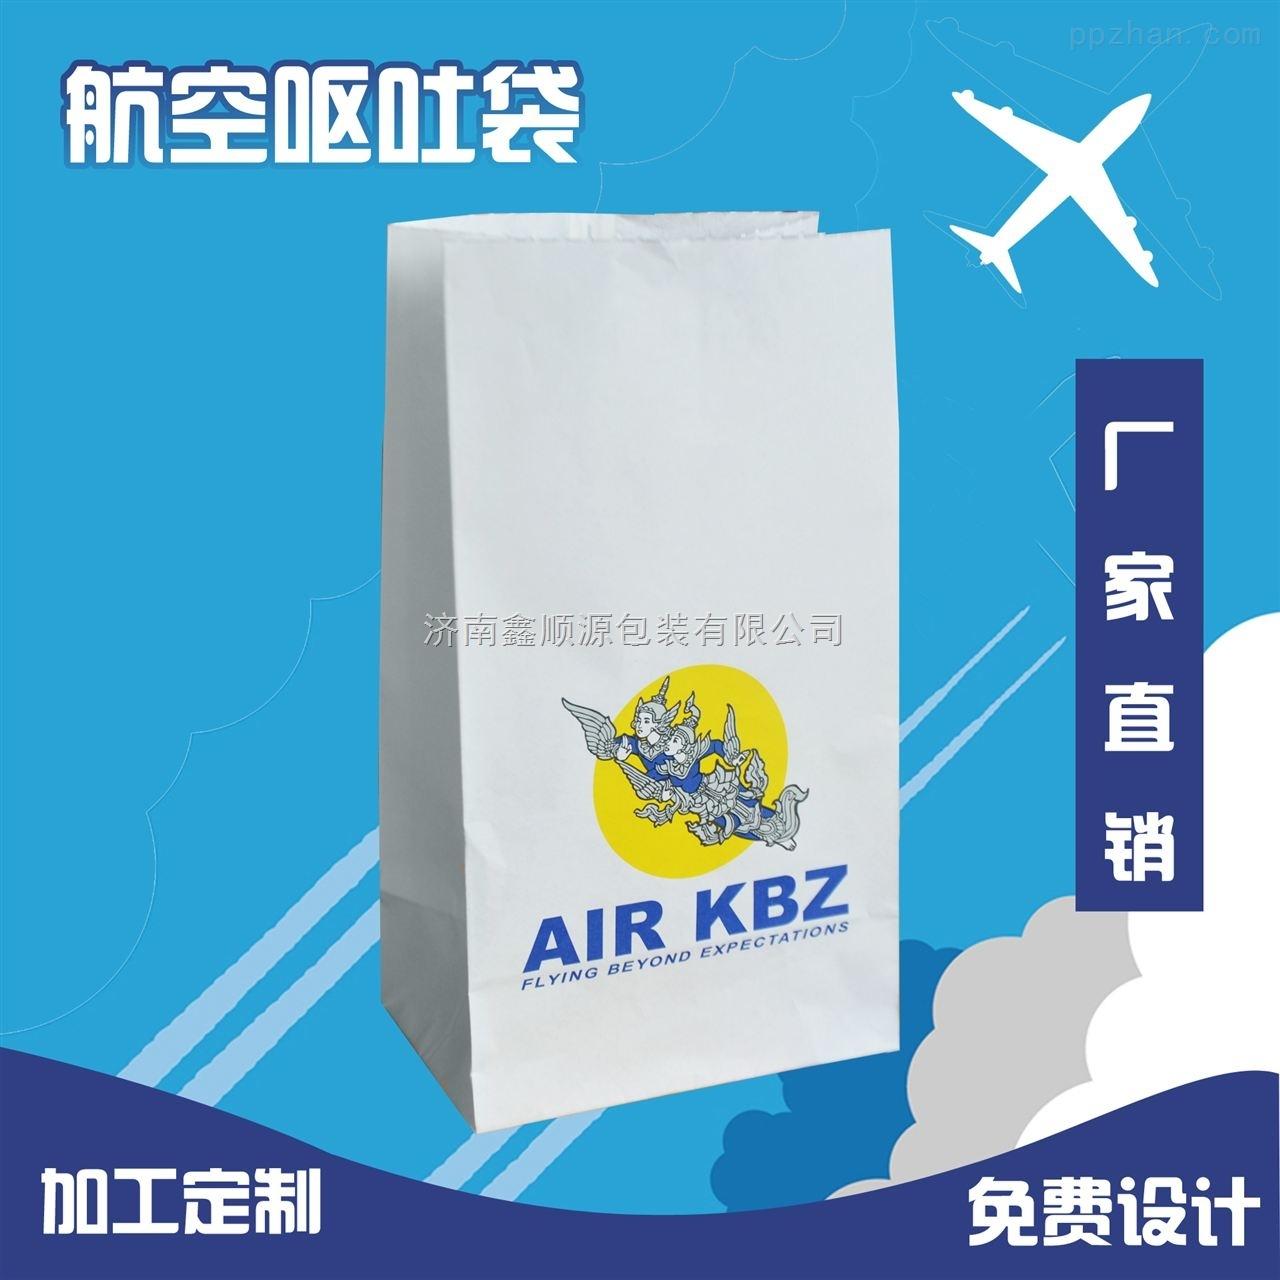 航空呕吐袋 动车组清洁袋 高铁清洁袋广州厂家定制